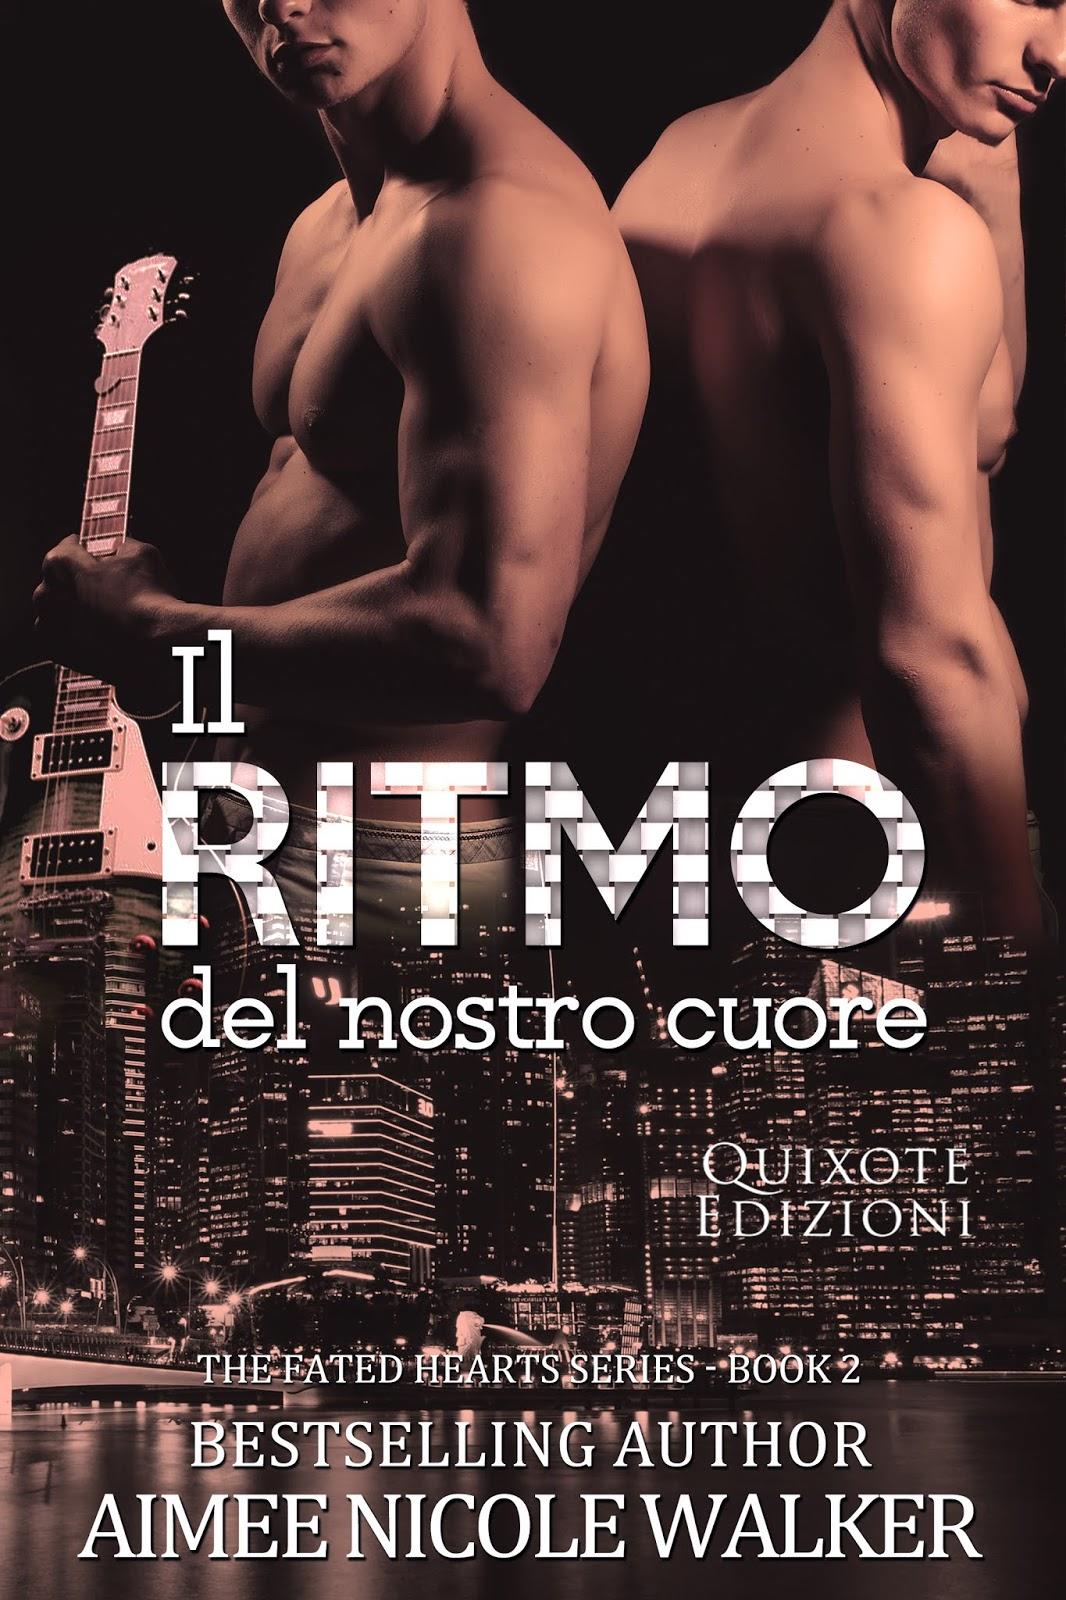 Il primo giorno di settembre -: 9 Racconti erotici di Nicole (Italian Edition)